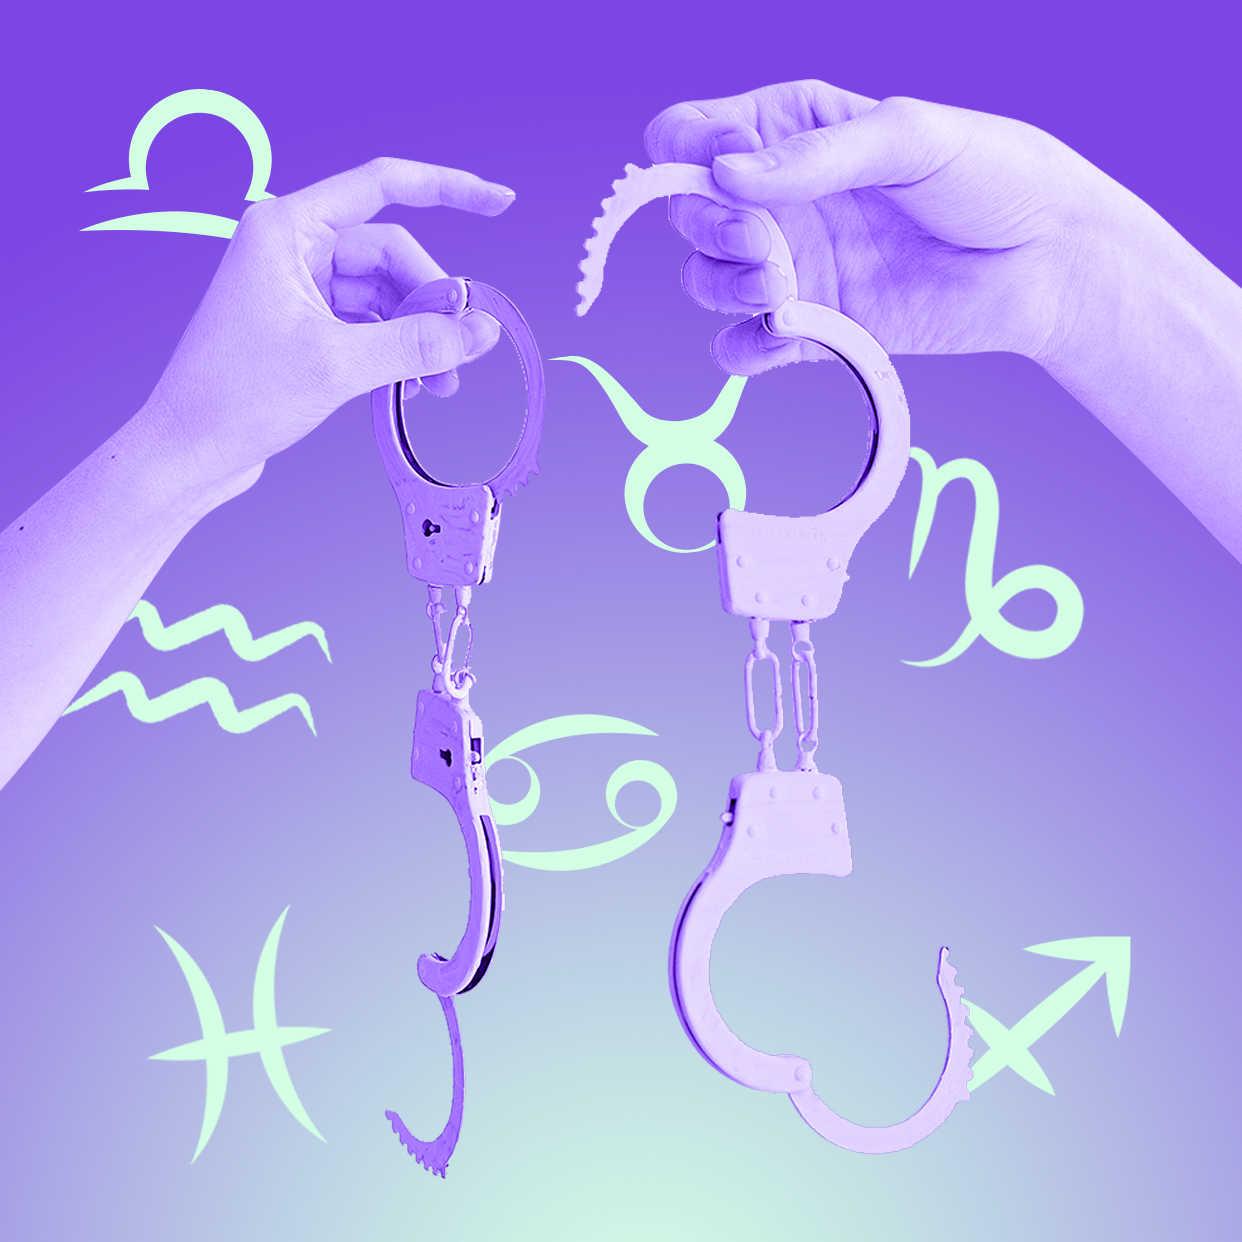 Quel·le partenaire sexuel·le êtes-vous selon votre signe astro ?